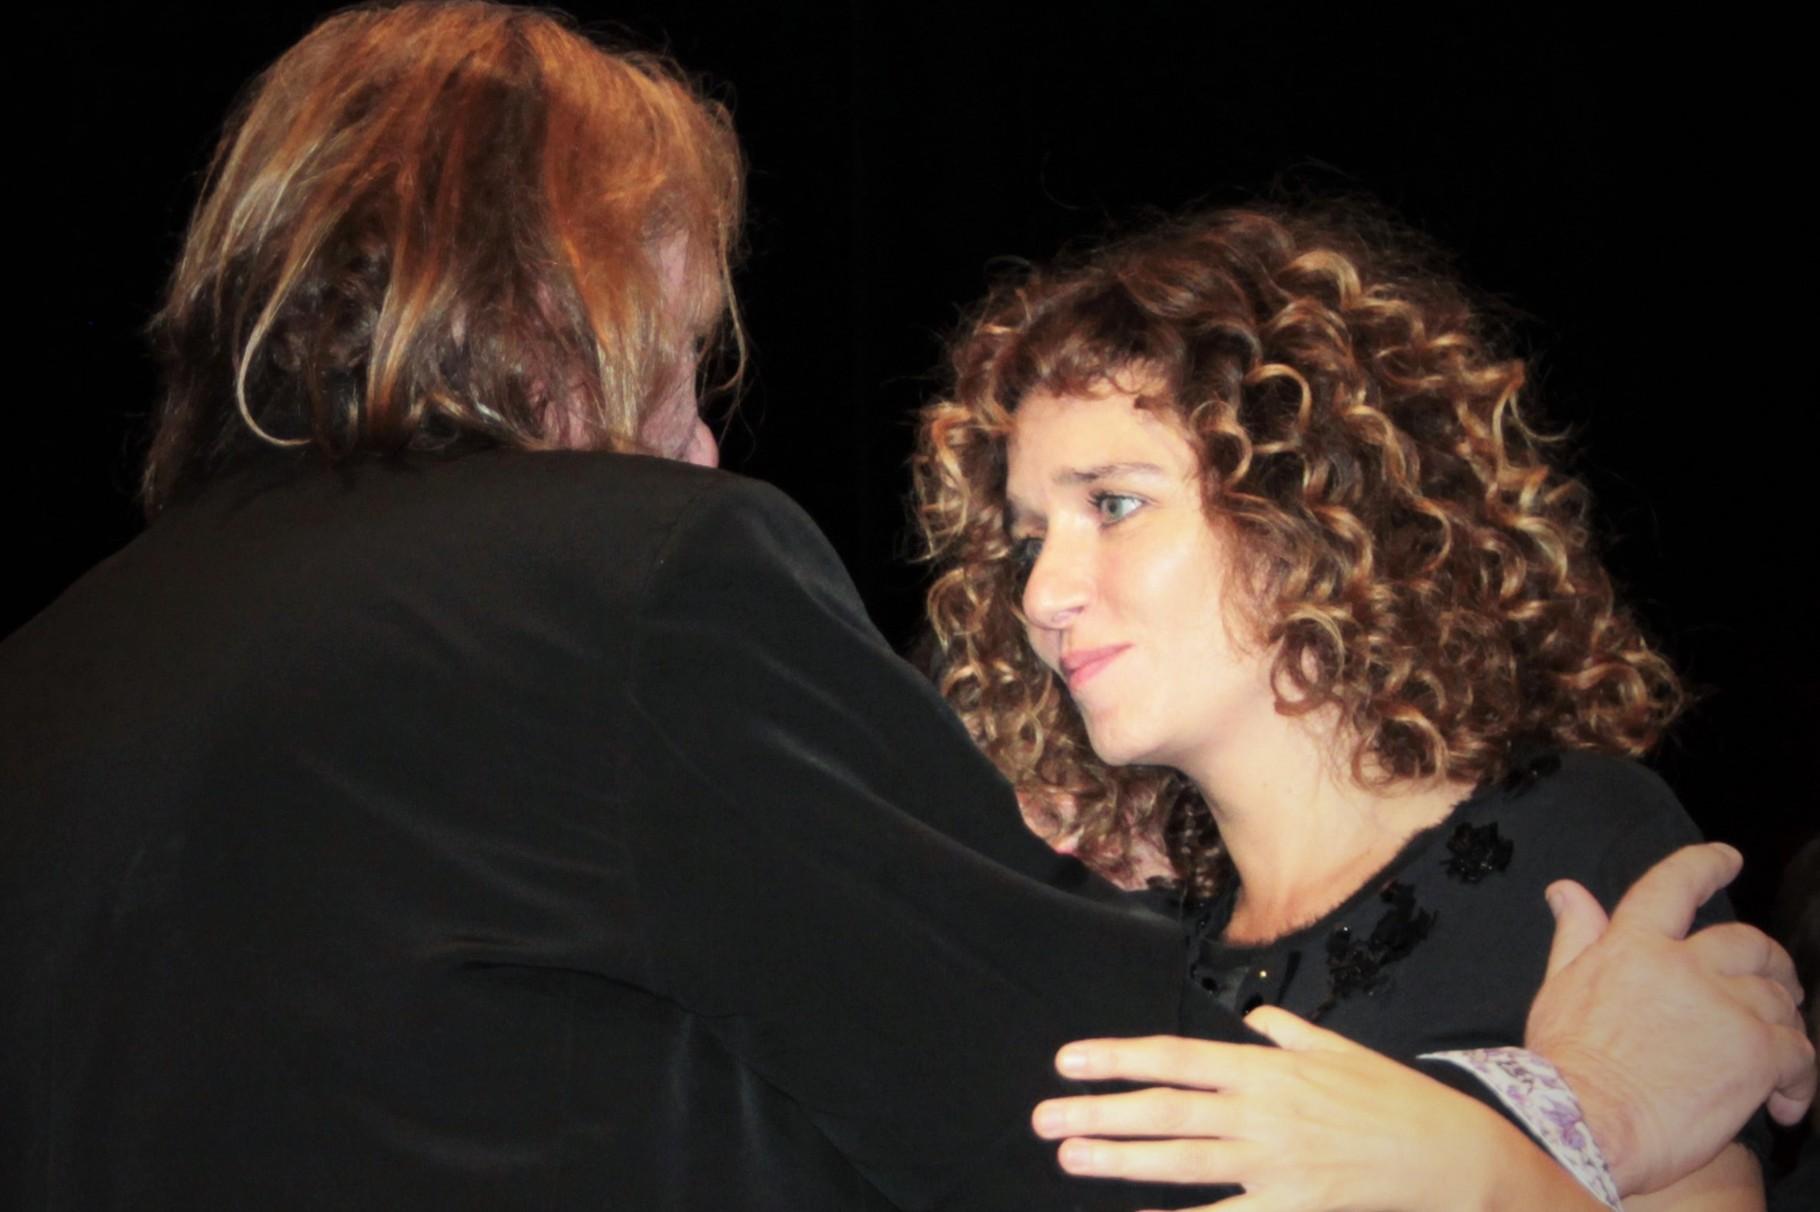 Gérard Depardieu et Valeria Golino - Festival Lumière 2011 - Lyon - Photo © Anik COUBLE